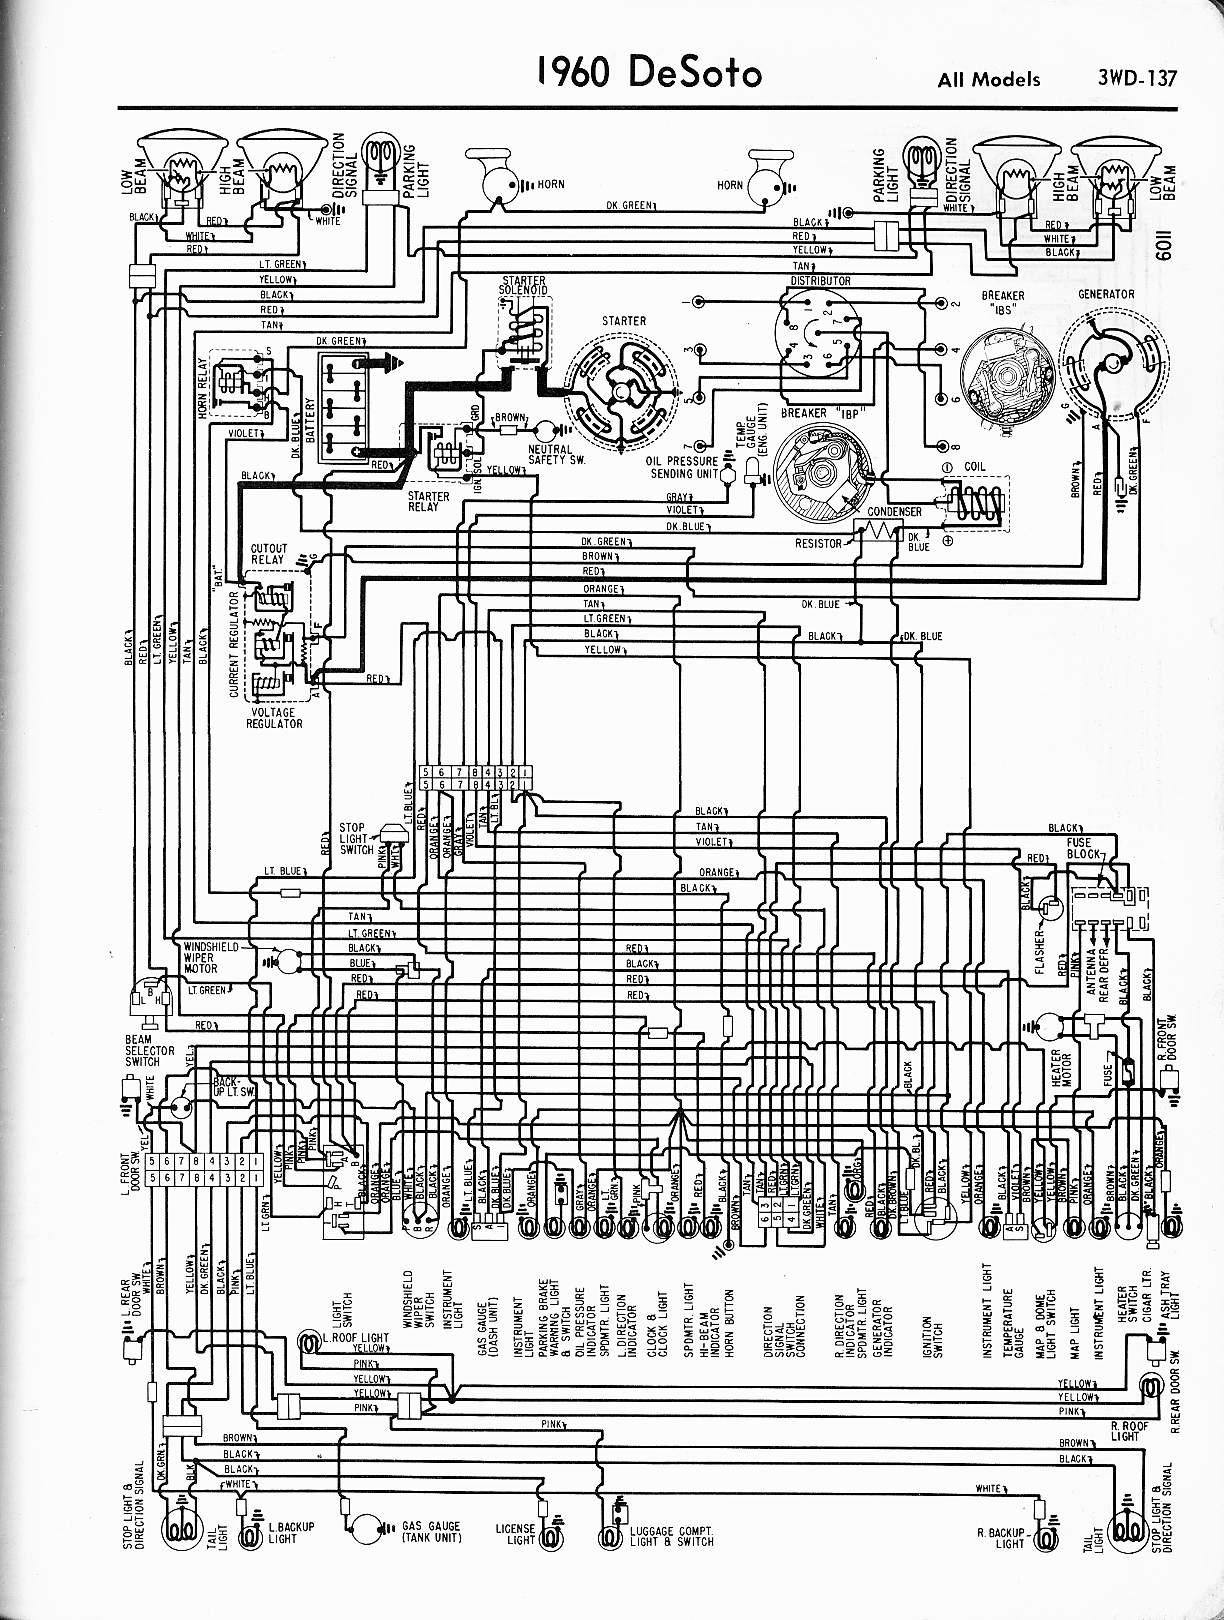 1955 desoto wiring diagram wiring diagram data  1955 desoto wiring diagram library wiring diagram 1950 desoto wiring diagram wiring diagram g8 1955 ford